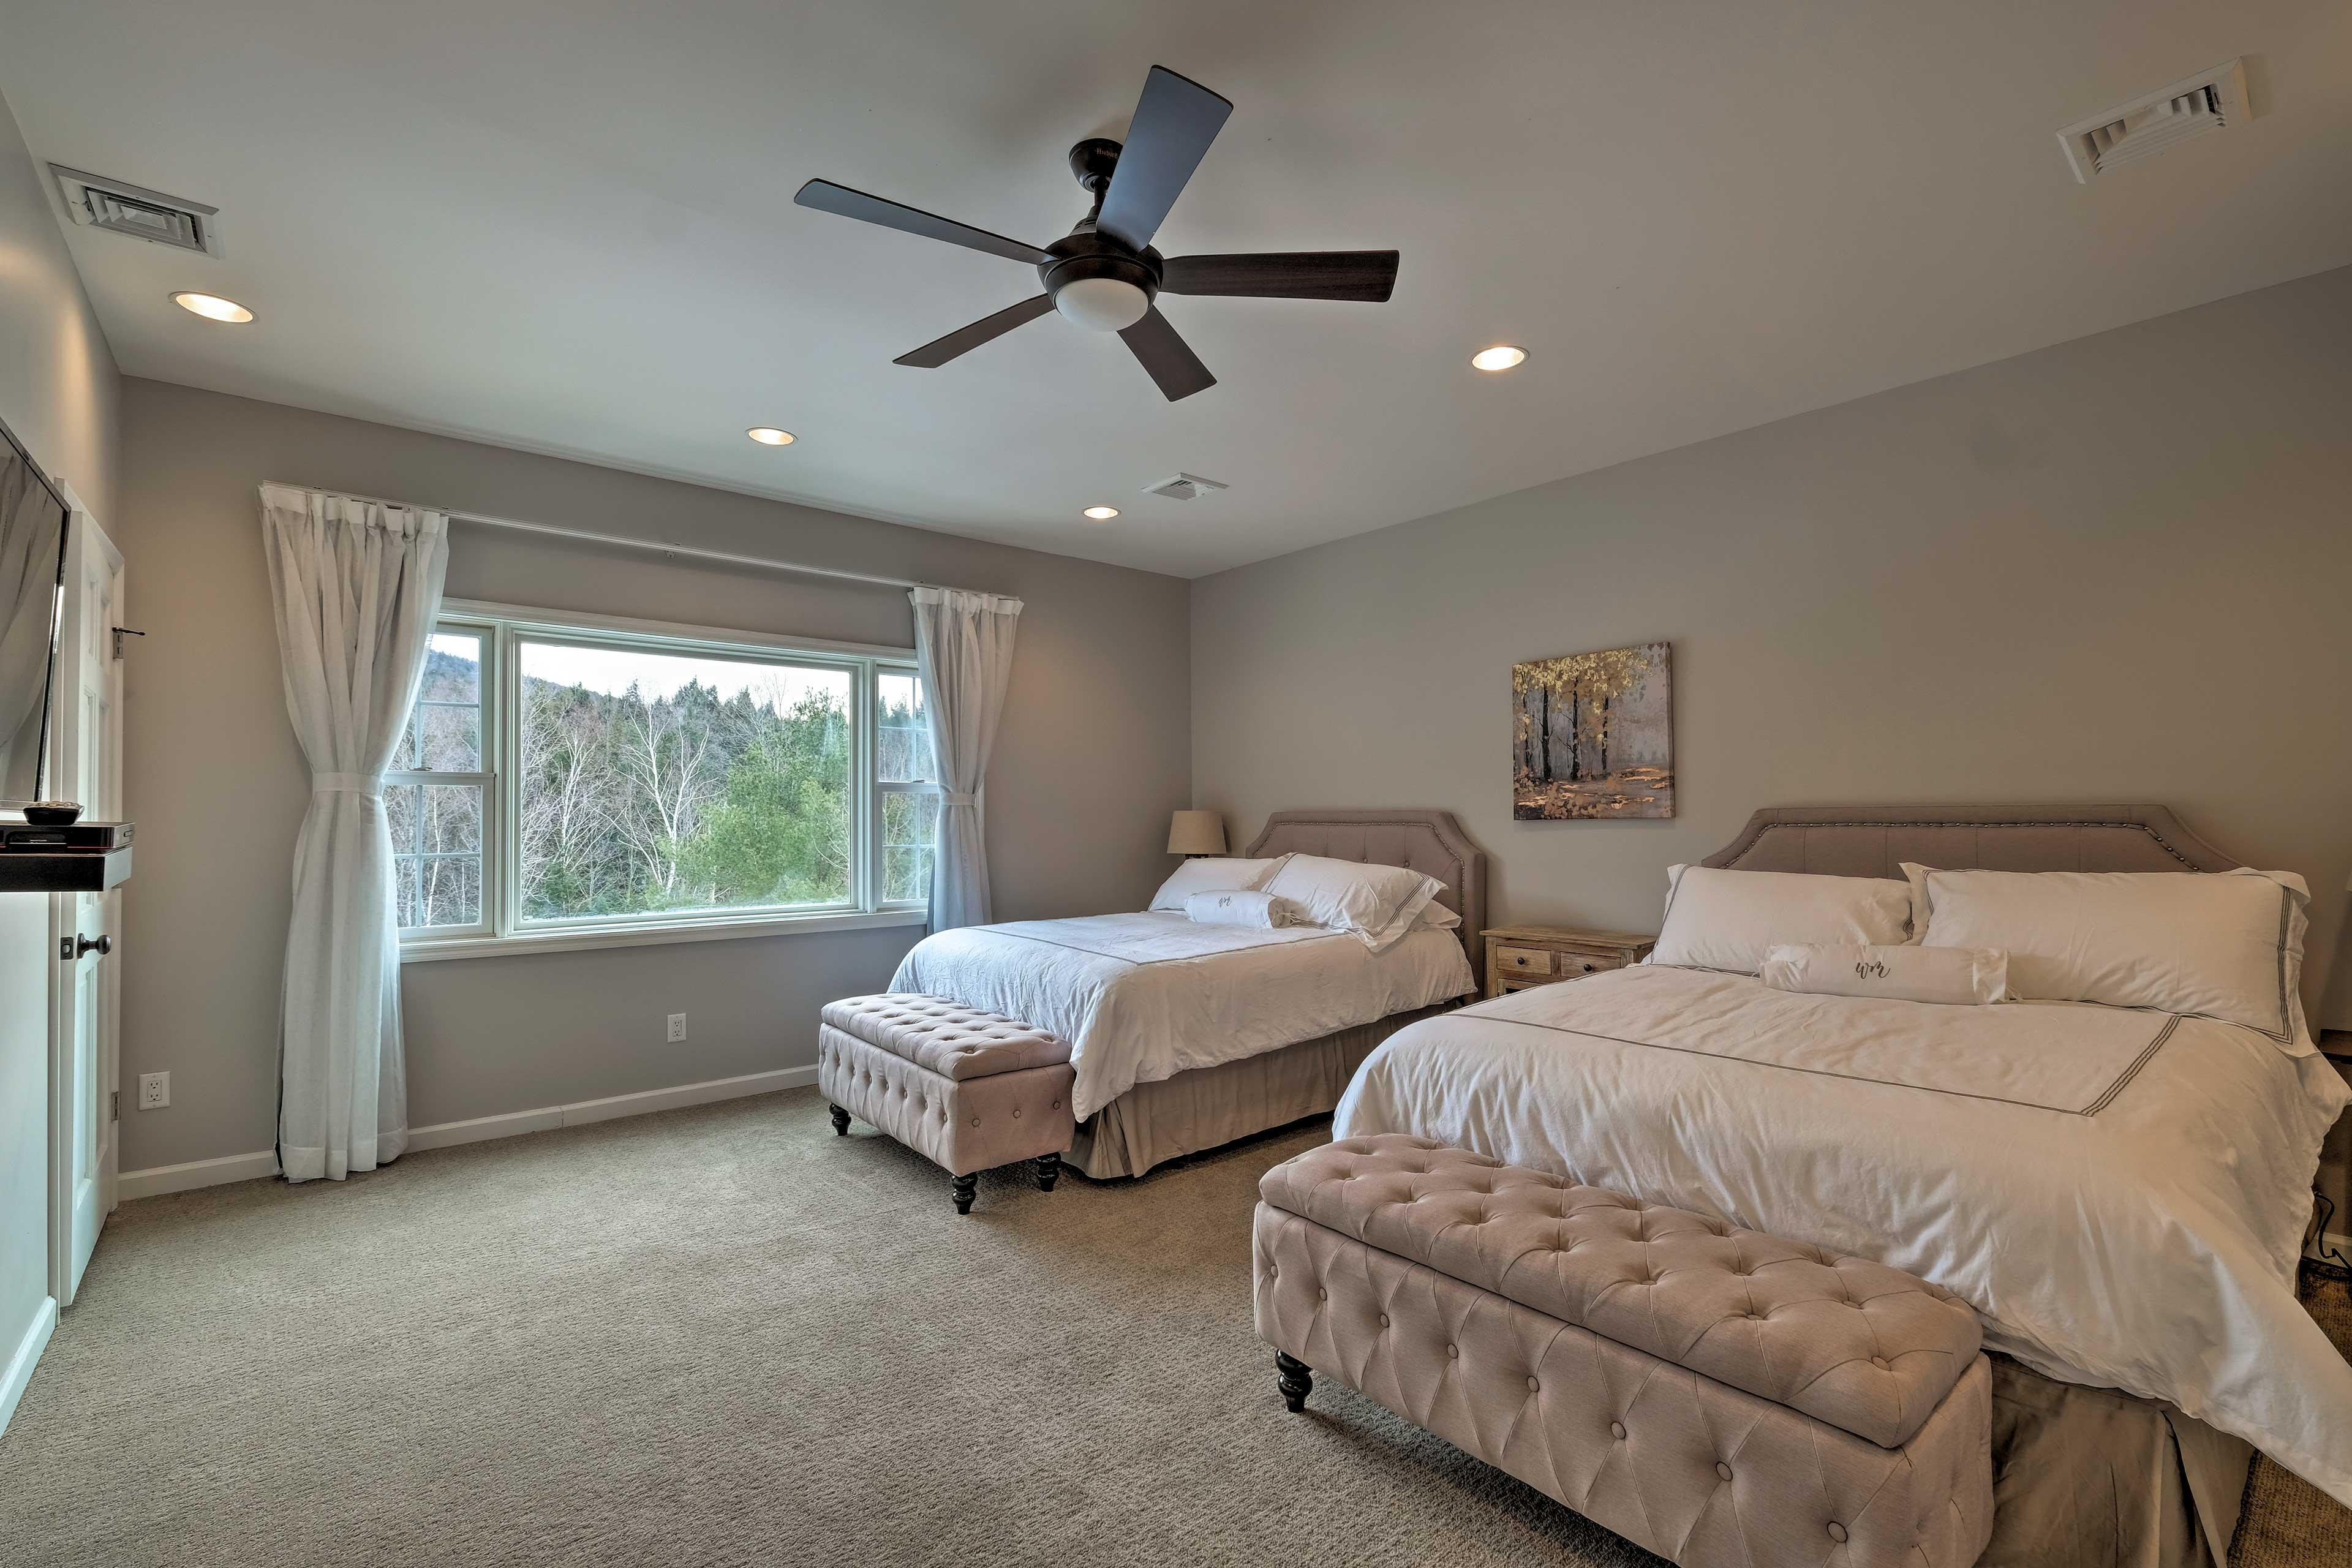 Bedroom 3: 2 queen beds, flat-screen TV